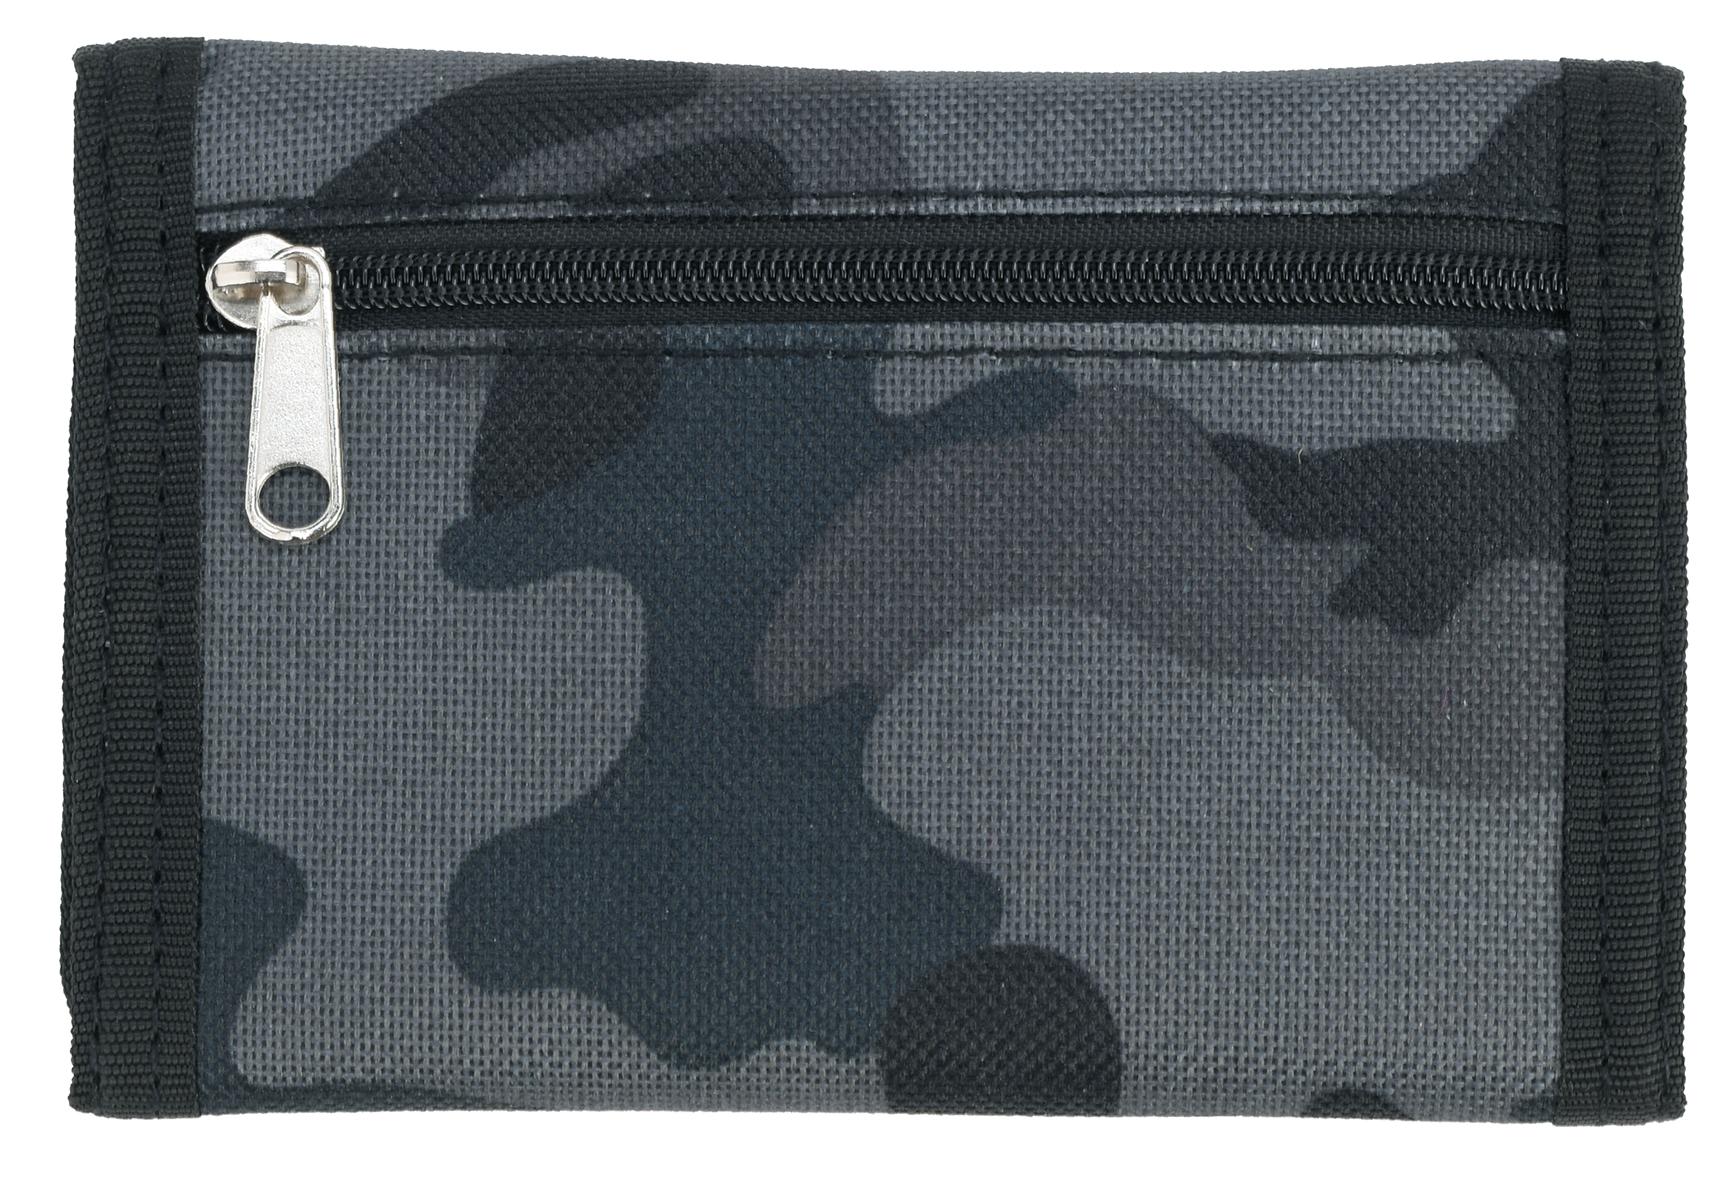 Da Uomo Ragazzi Stile Esercito Camoflague stampa su tela Ripper Portafoglio con zip Sezione Coin